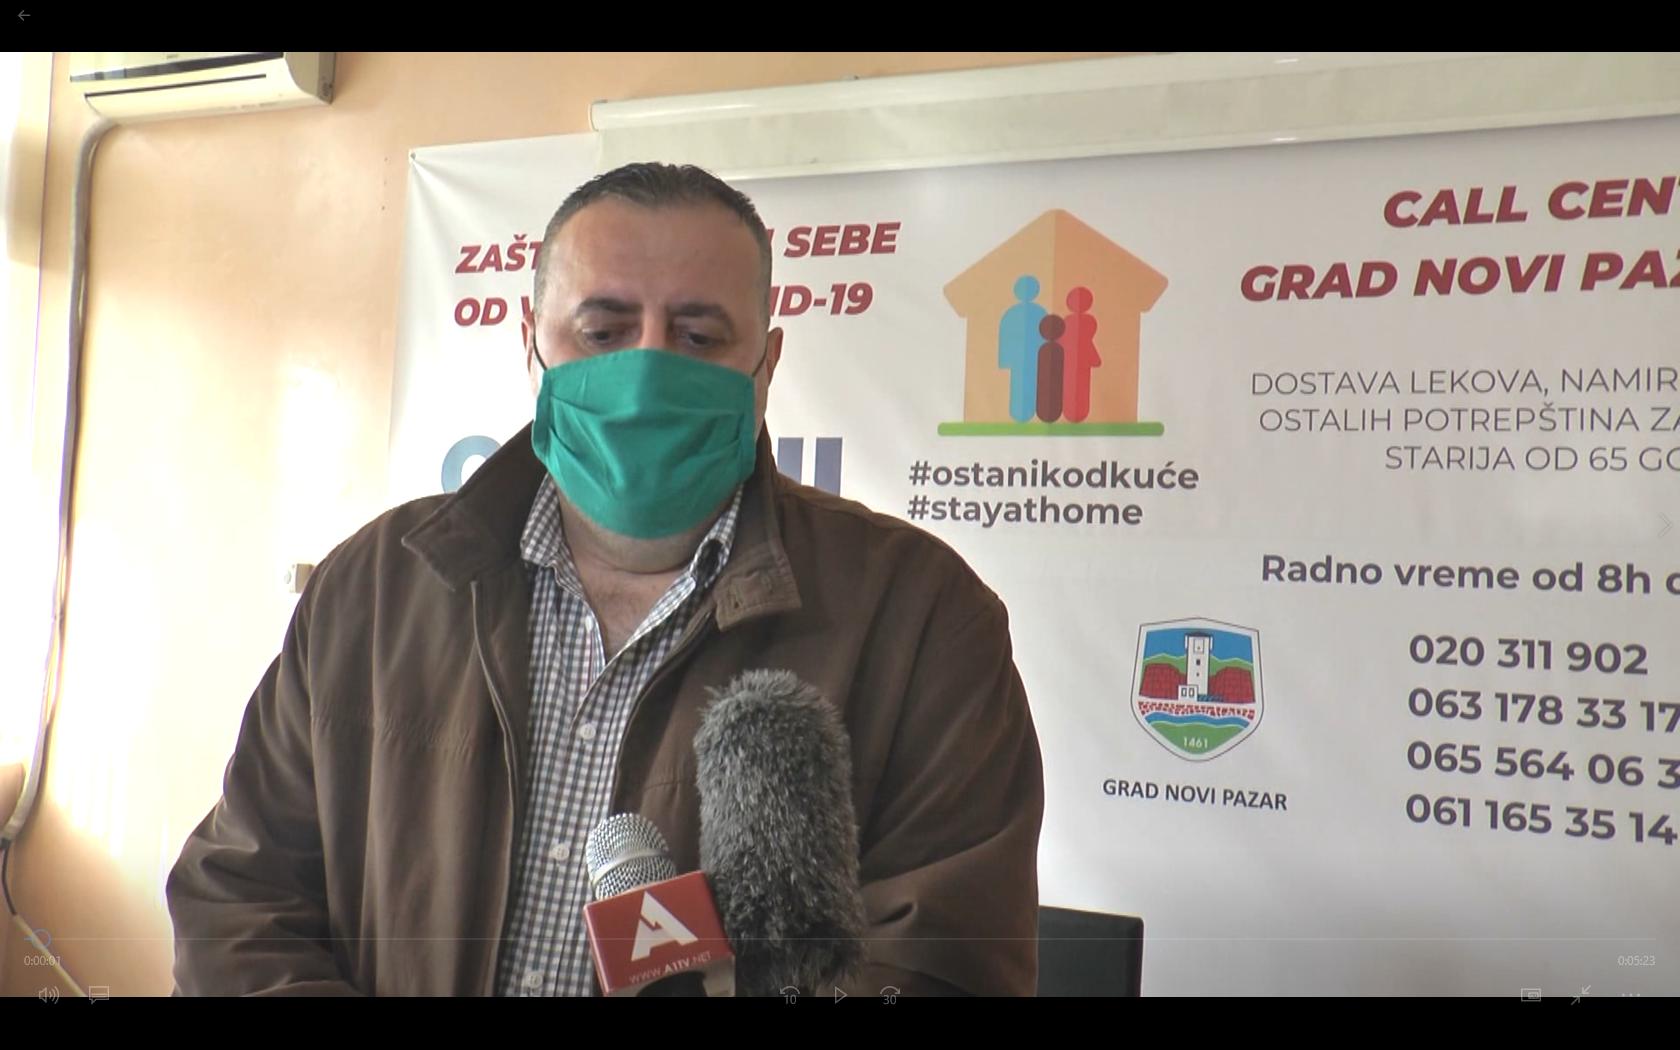 Kurpejović: Optužbe iznete na moj račun su netačne